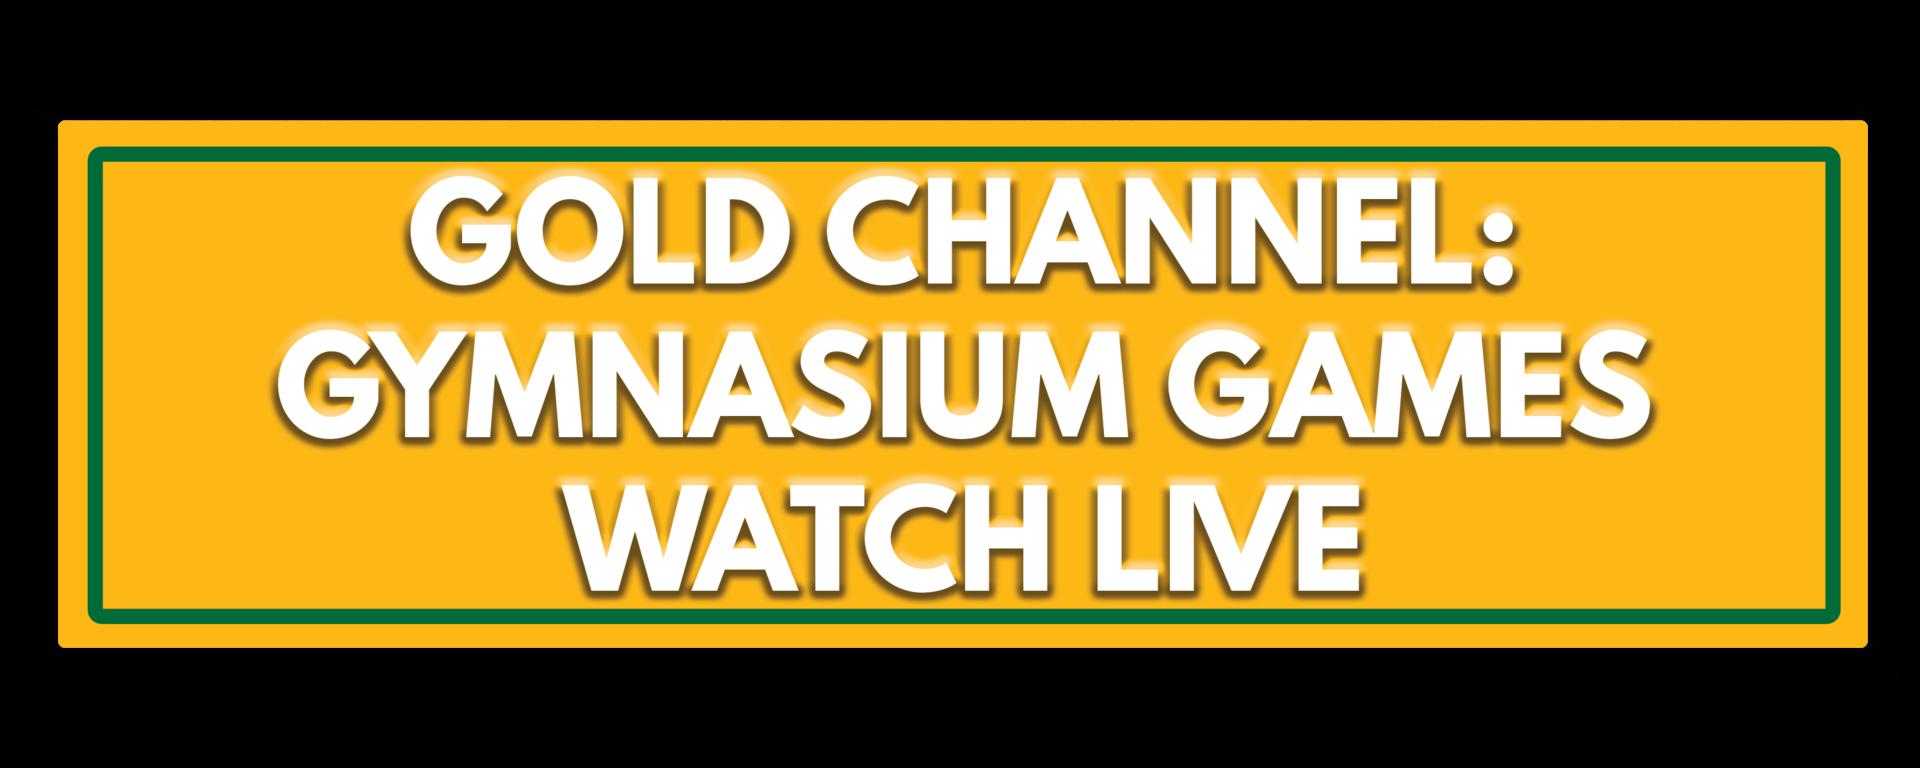 Watch Seton LaSalle Gymnasium games live button